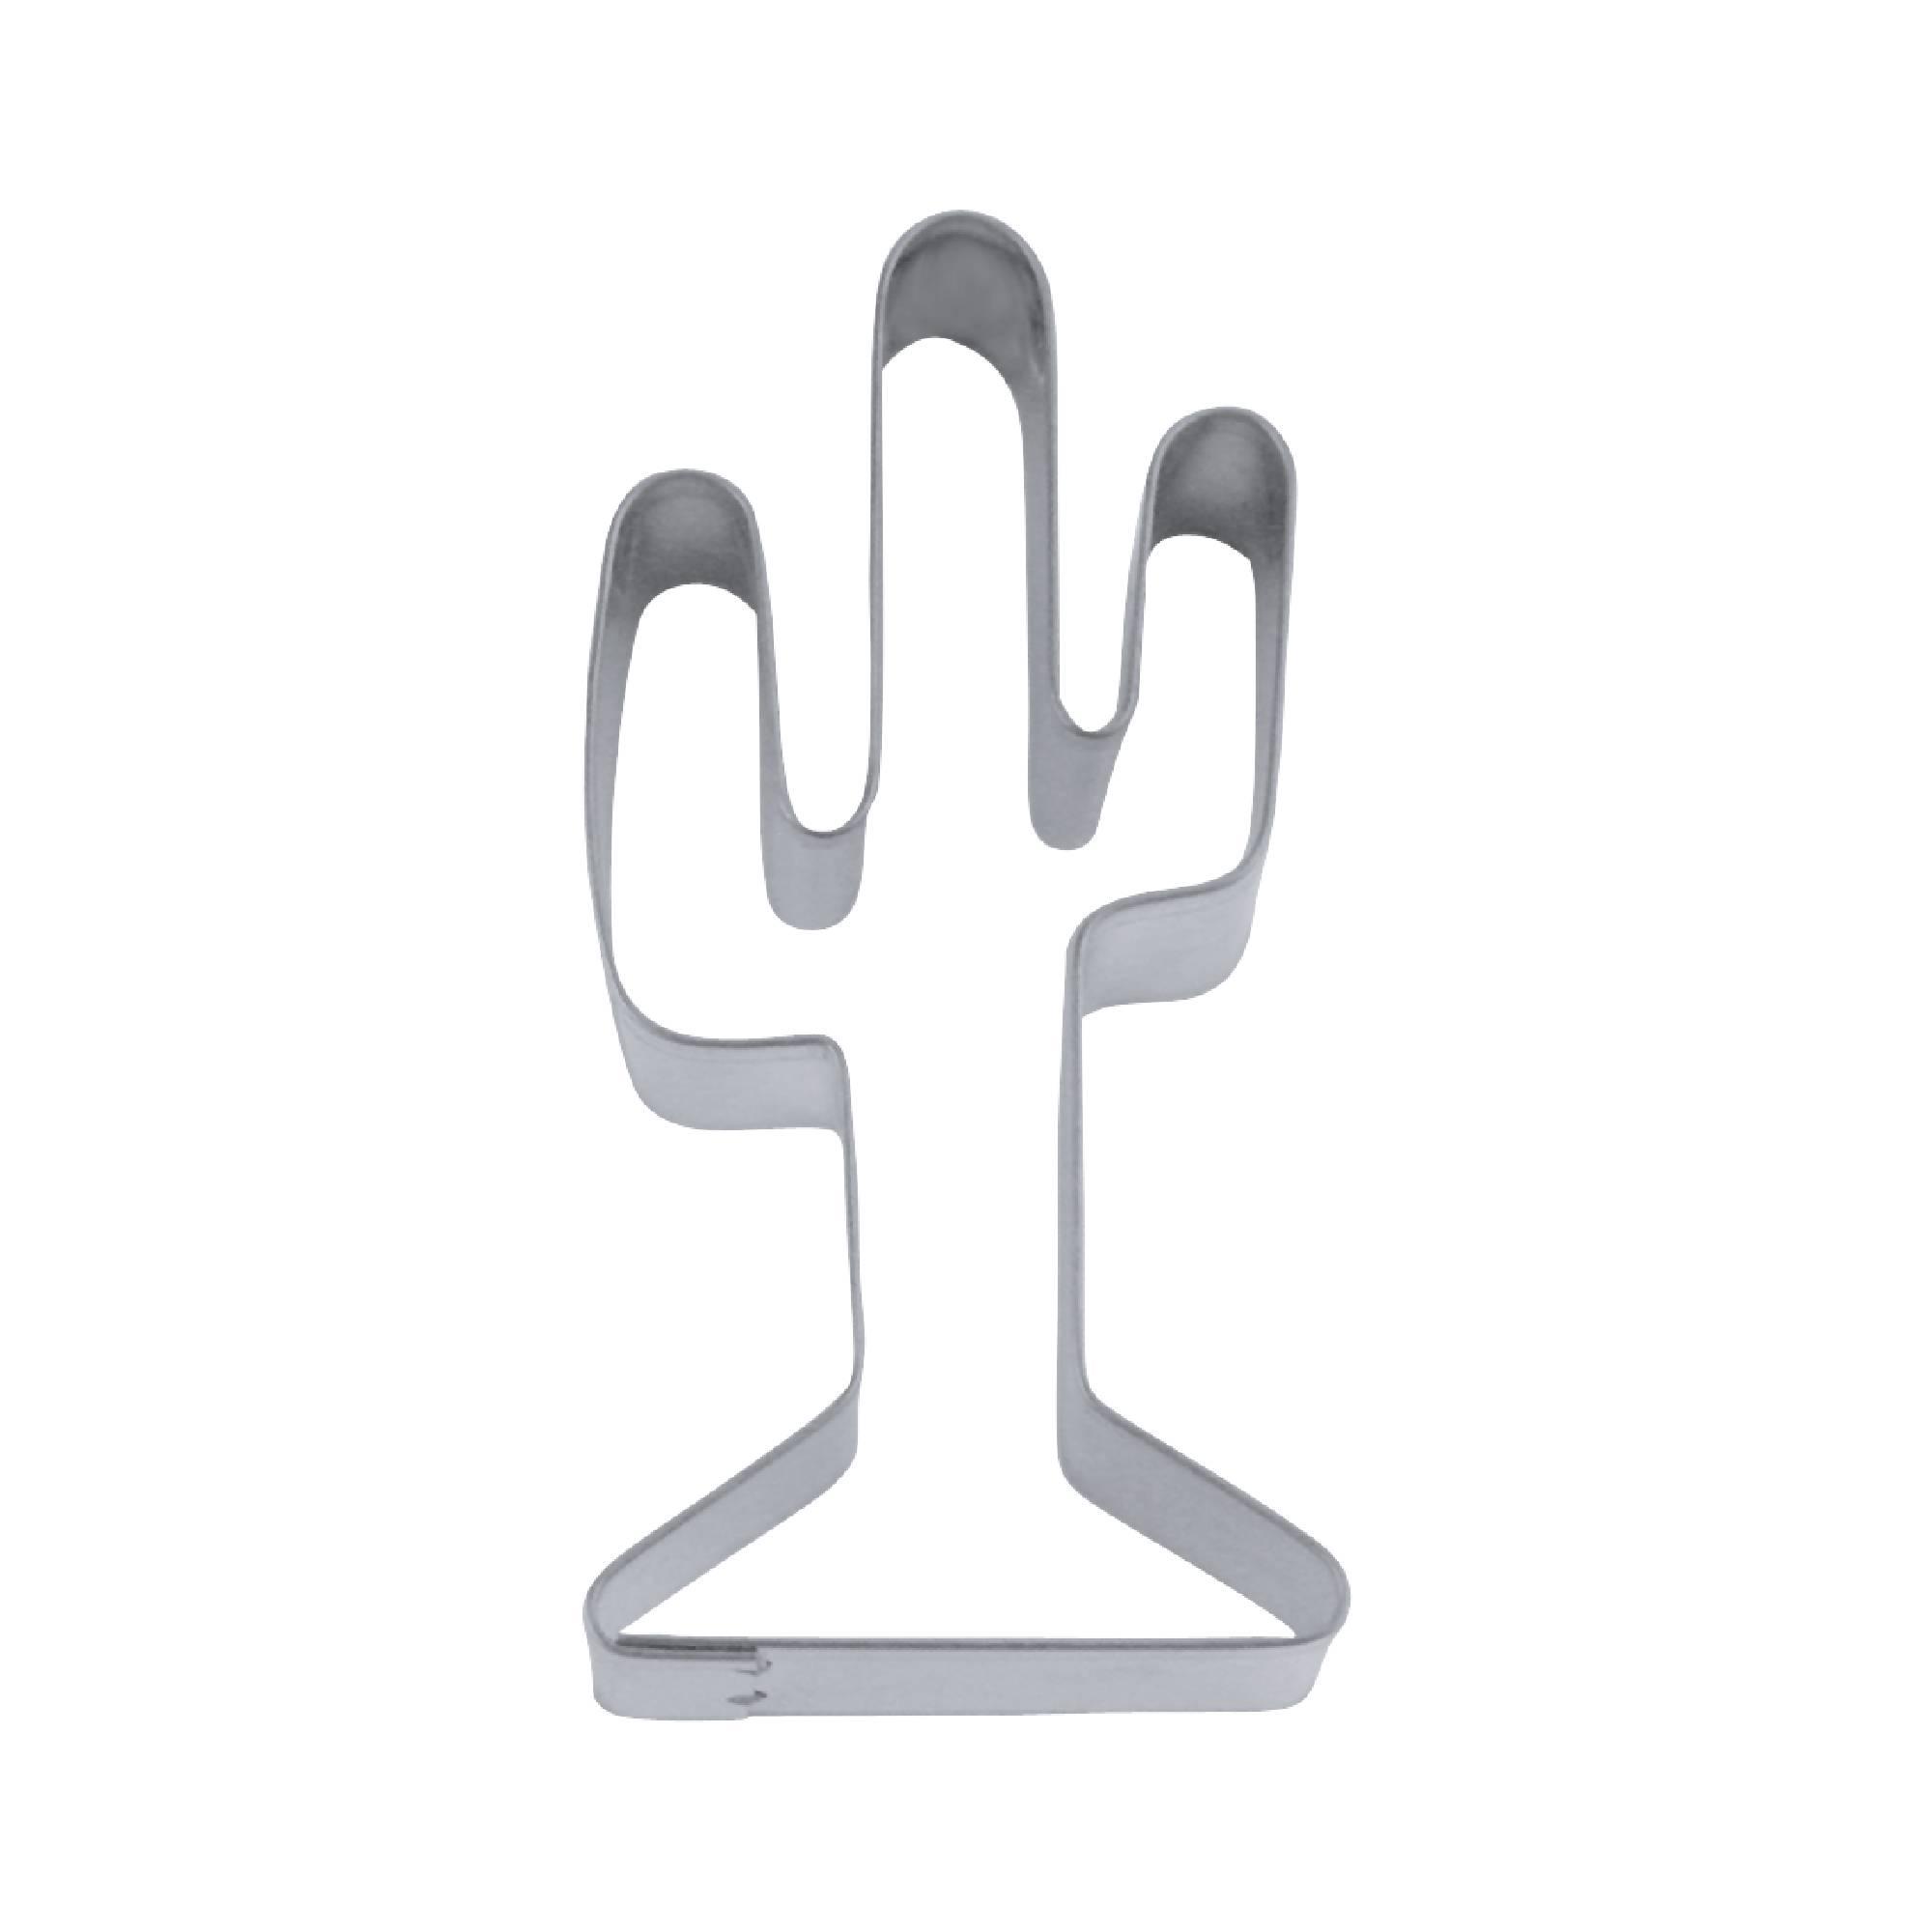 Ausstecher Kaktus 7,5cm